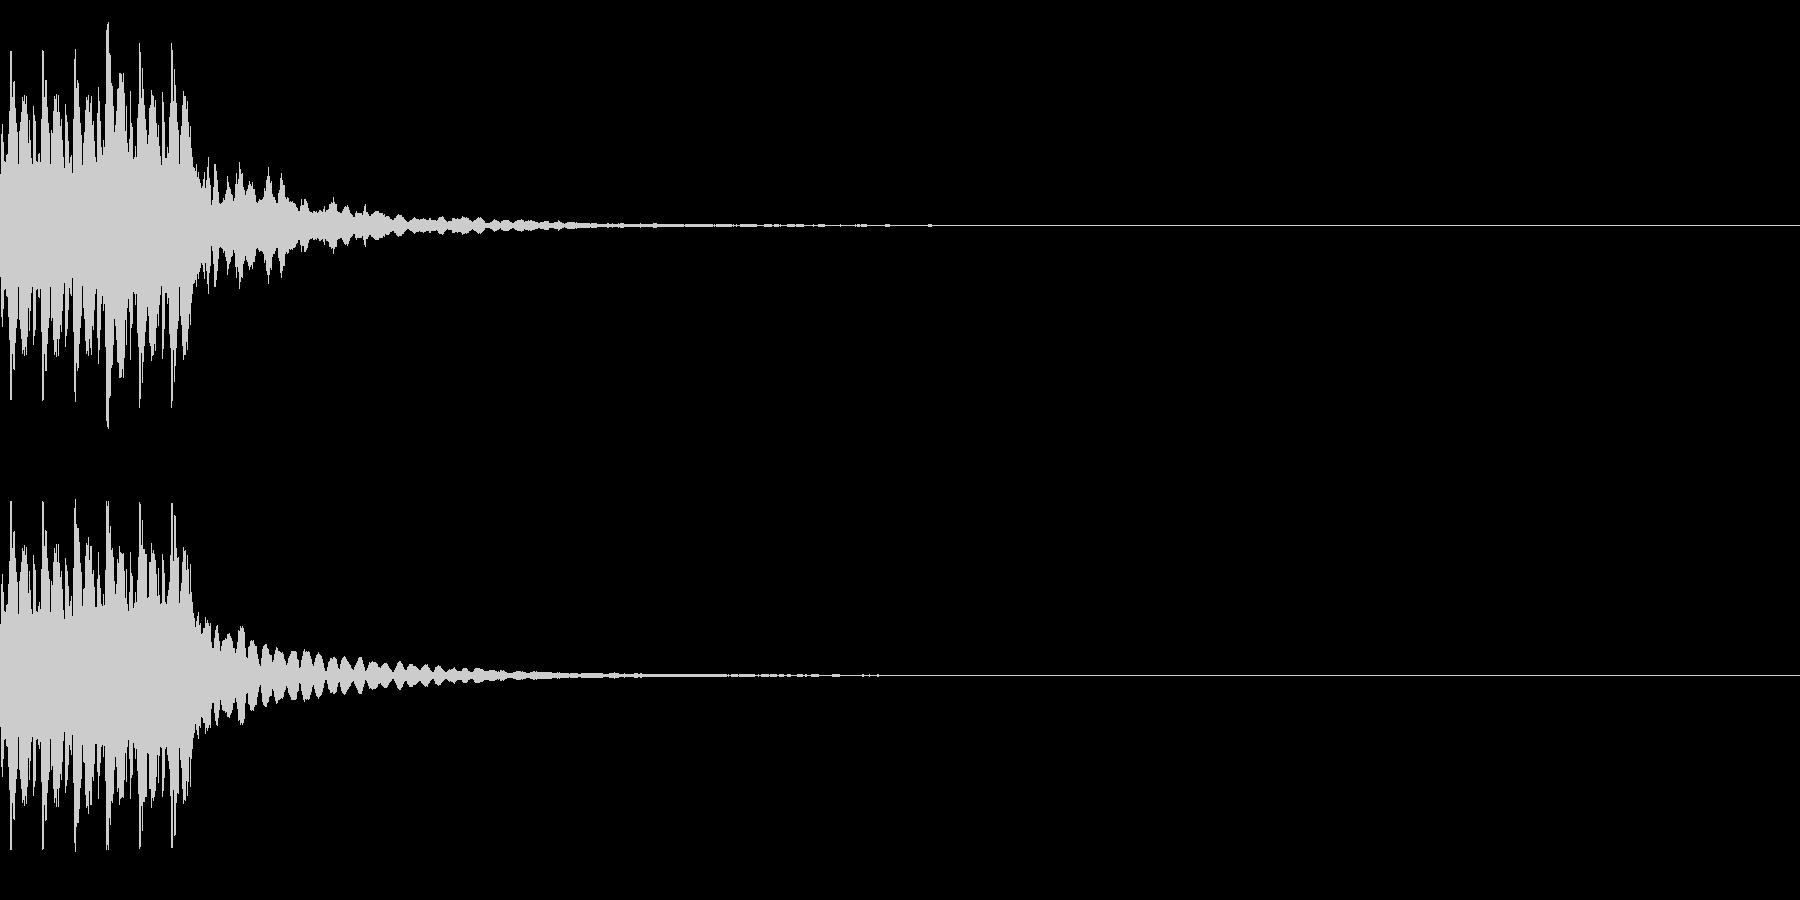 コイン6枚獲得 ゲット チャリンの未再生の波形